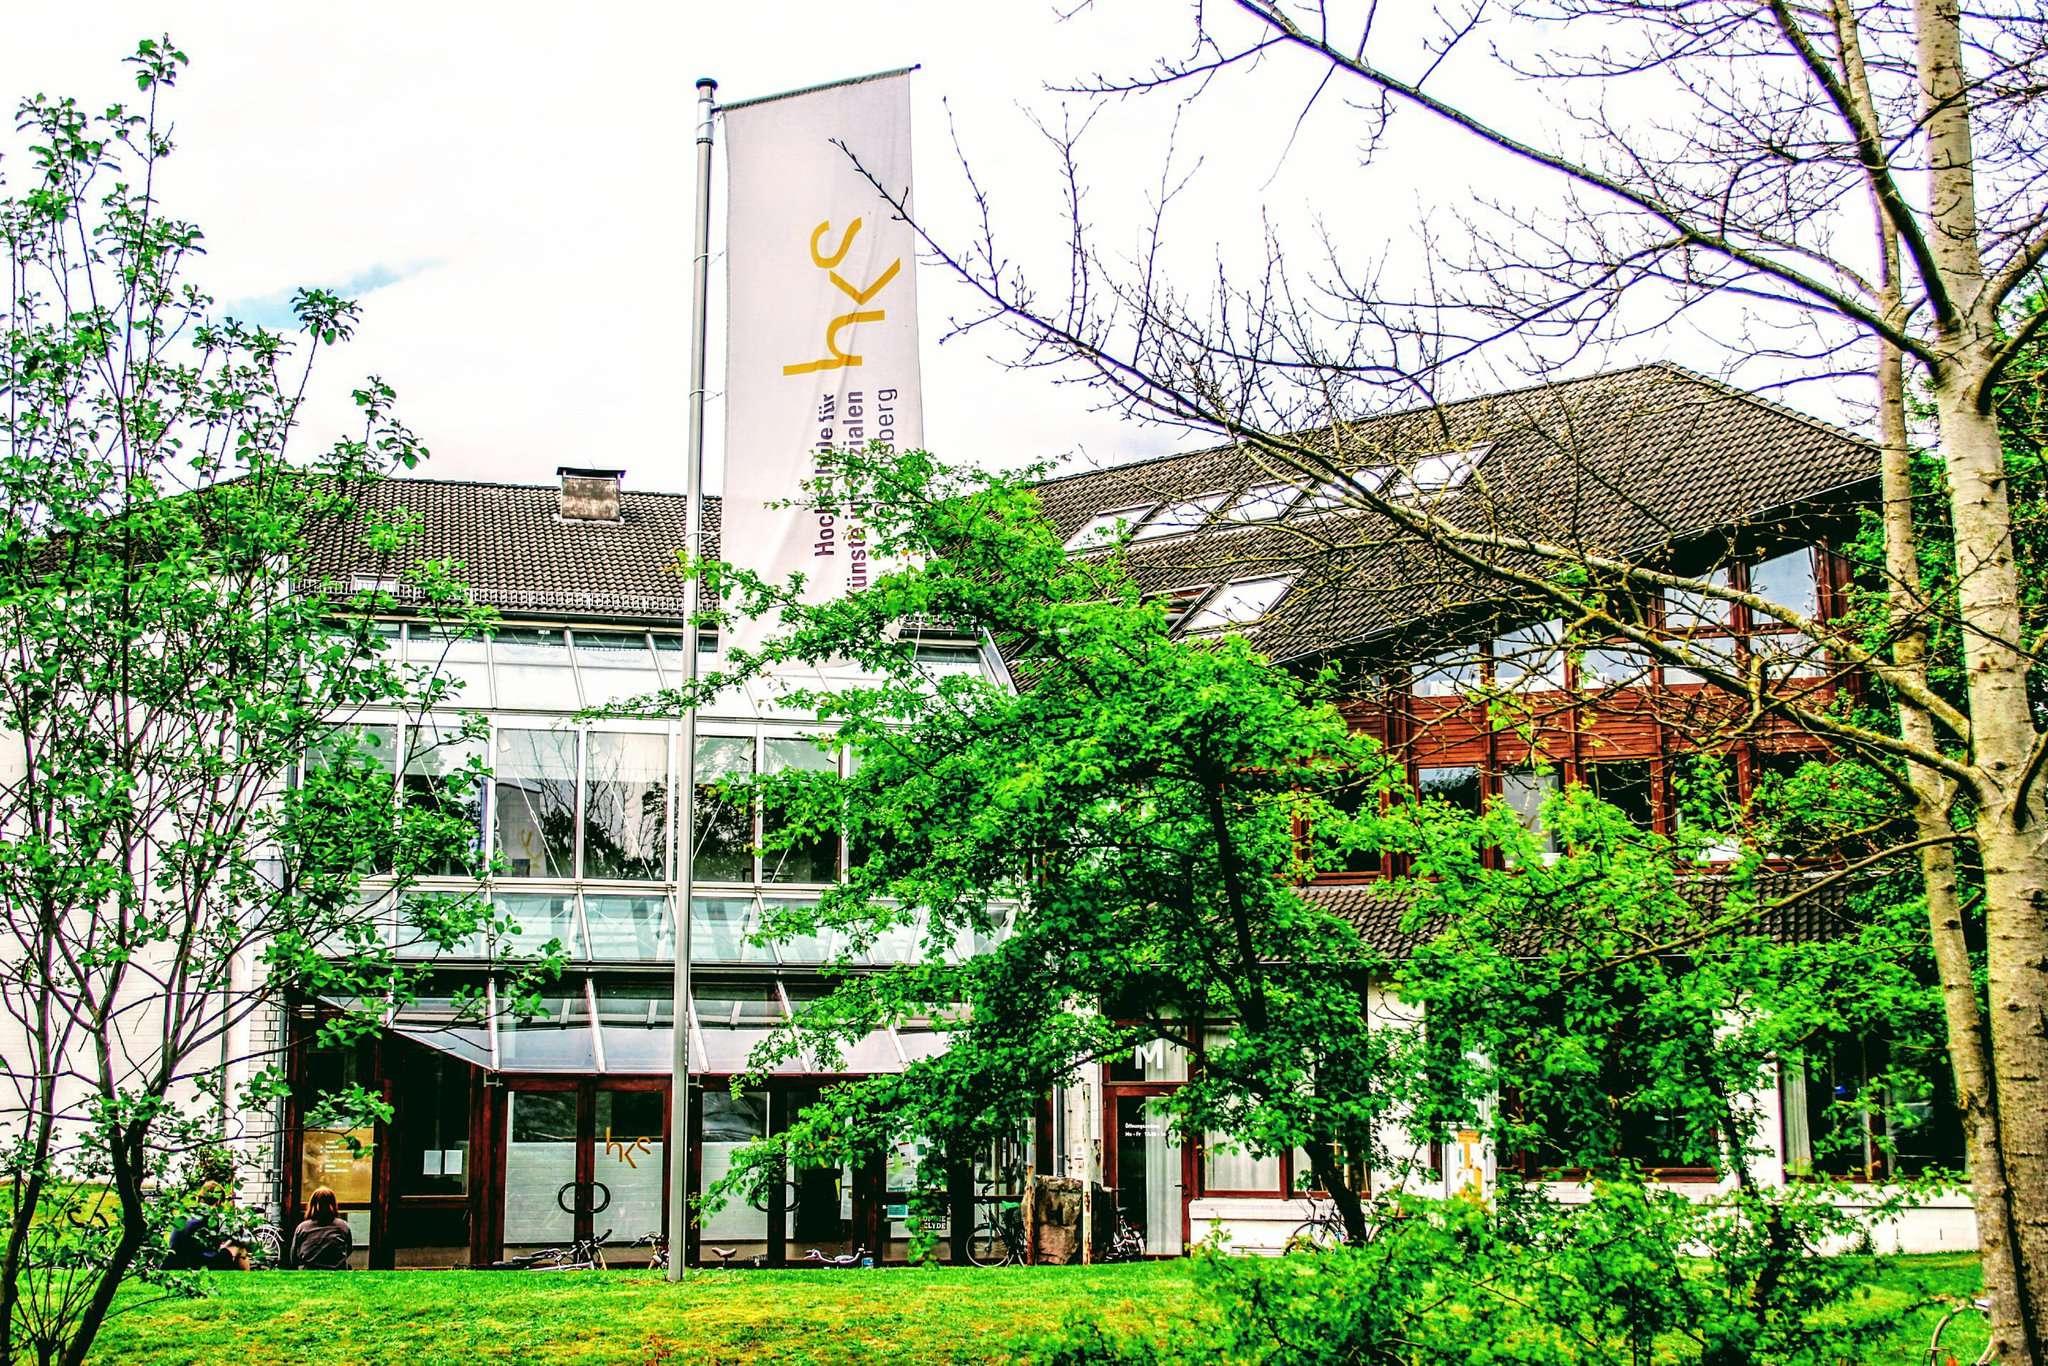 An der Hochschule für Künste im Sozialen (HKS) in Ottersberg gibt es Streit: Die Akademieleitung hat beschlossen, 2019 die Mensa zu schließen und das Essen vom Parzival-Hof liefern zu lassen. Die Studenten sind dagegen. Foto: Björn Blaak